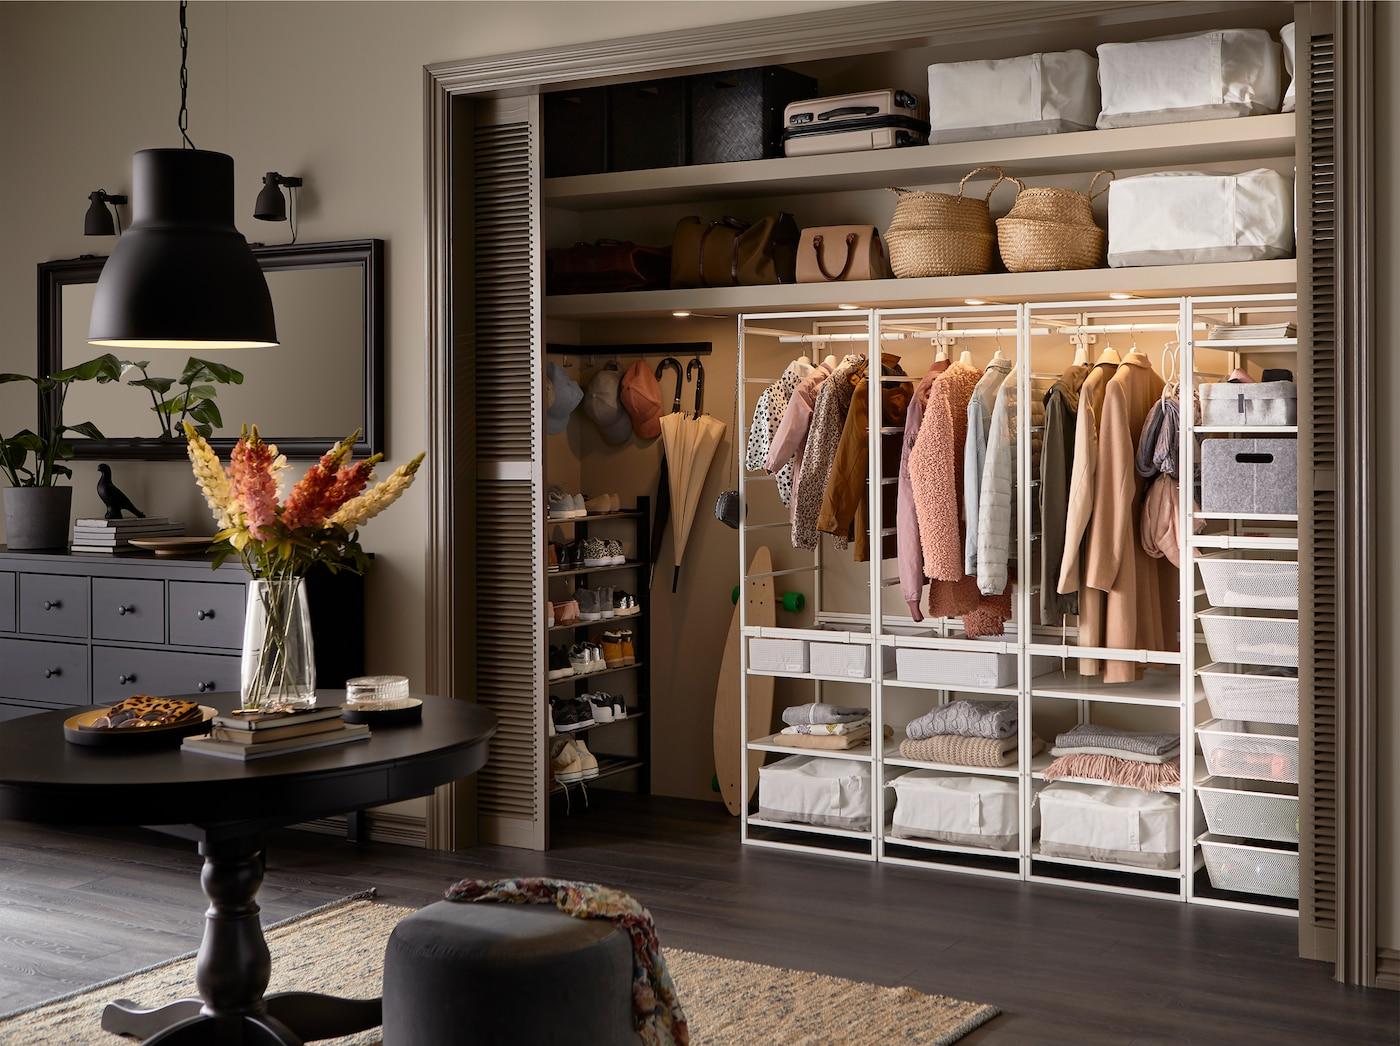 Grande entrée avec garde-robe intégrée et système de rangement JONAXEL en blanc, boîtes à compartiments blanches et éclairage intégré.